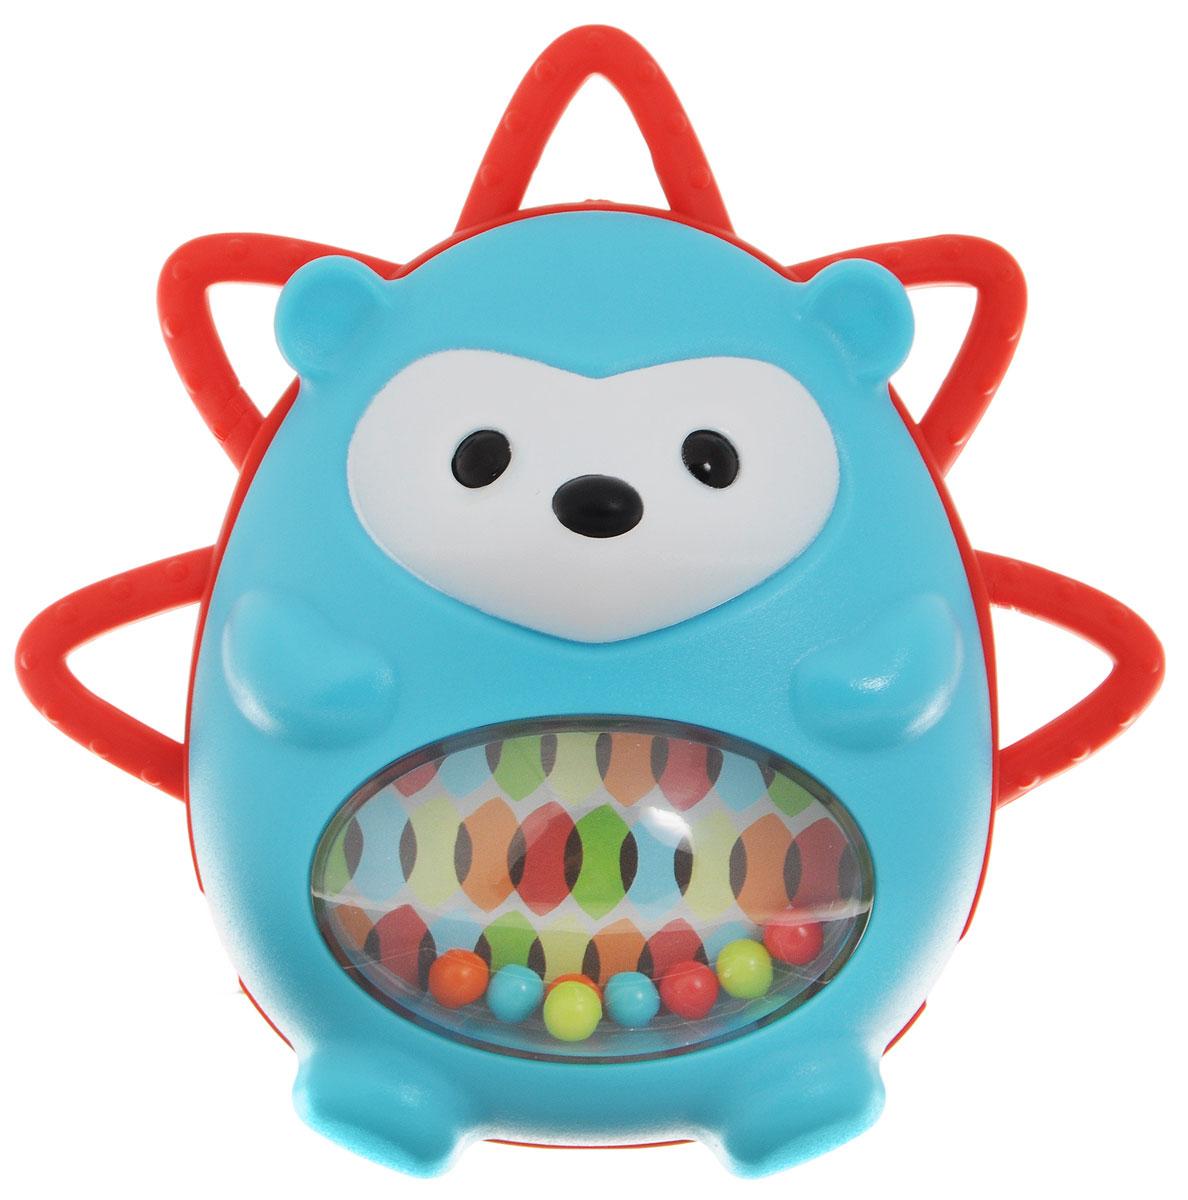 цены на Skip Hop Развивающая игрушка-погремушка Ежик с сюрпризом  в интернет-магазинах